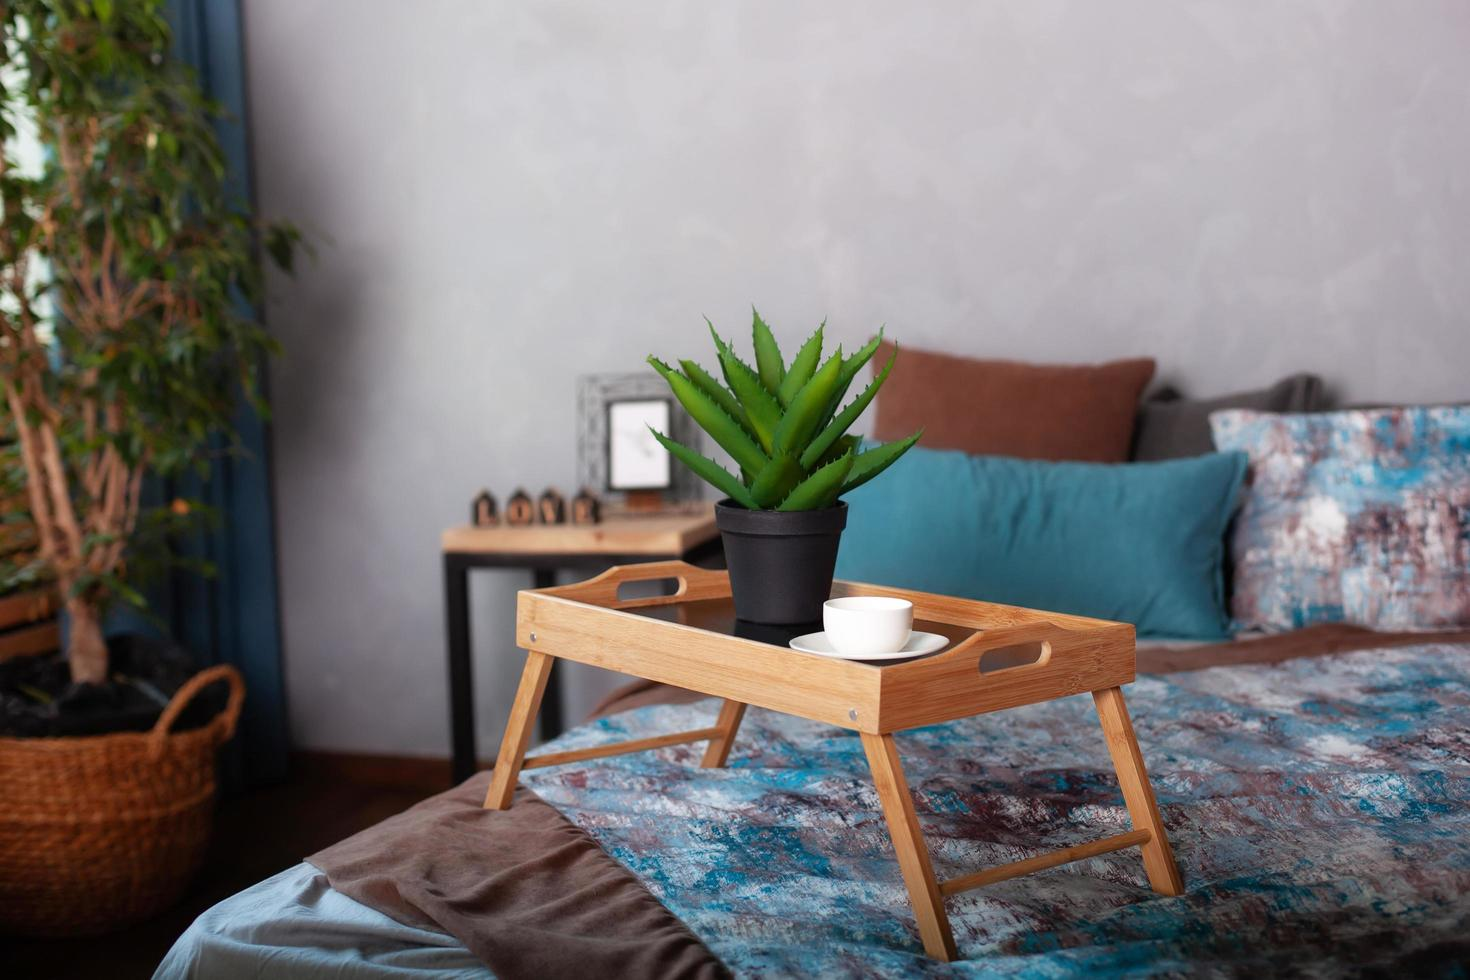 interno camera da letto con un tavolino sul letto foto